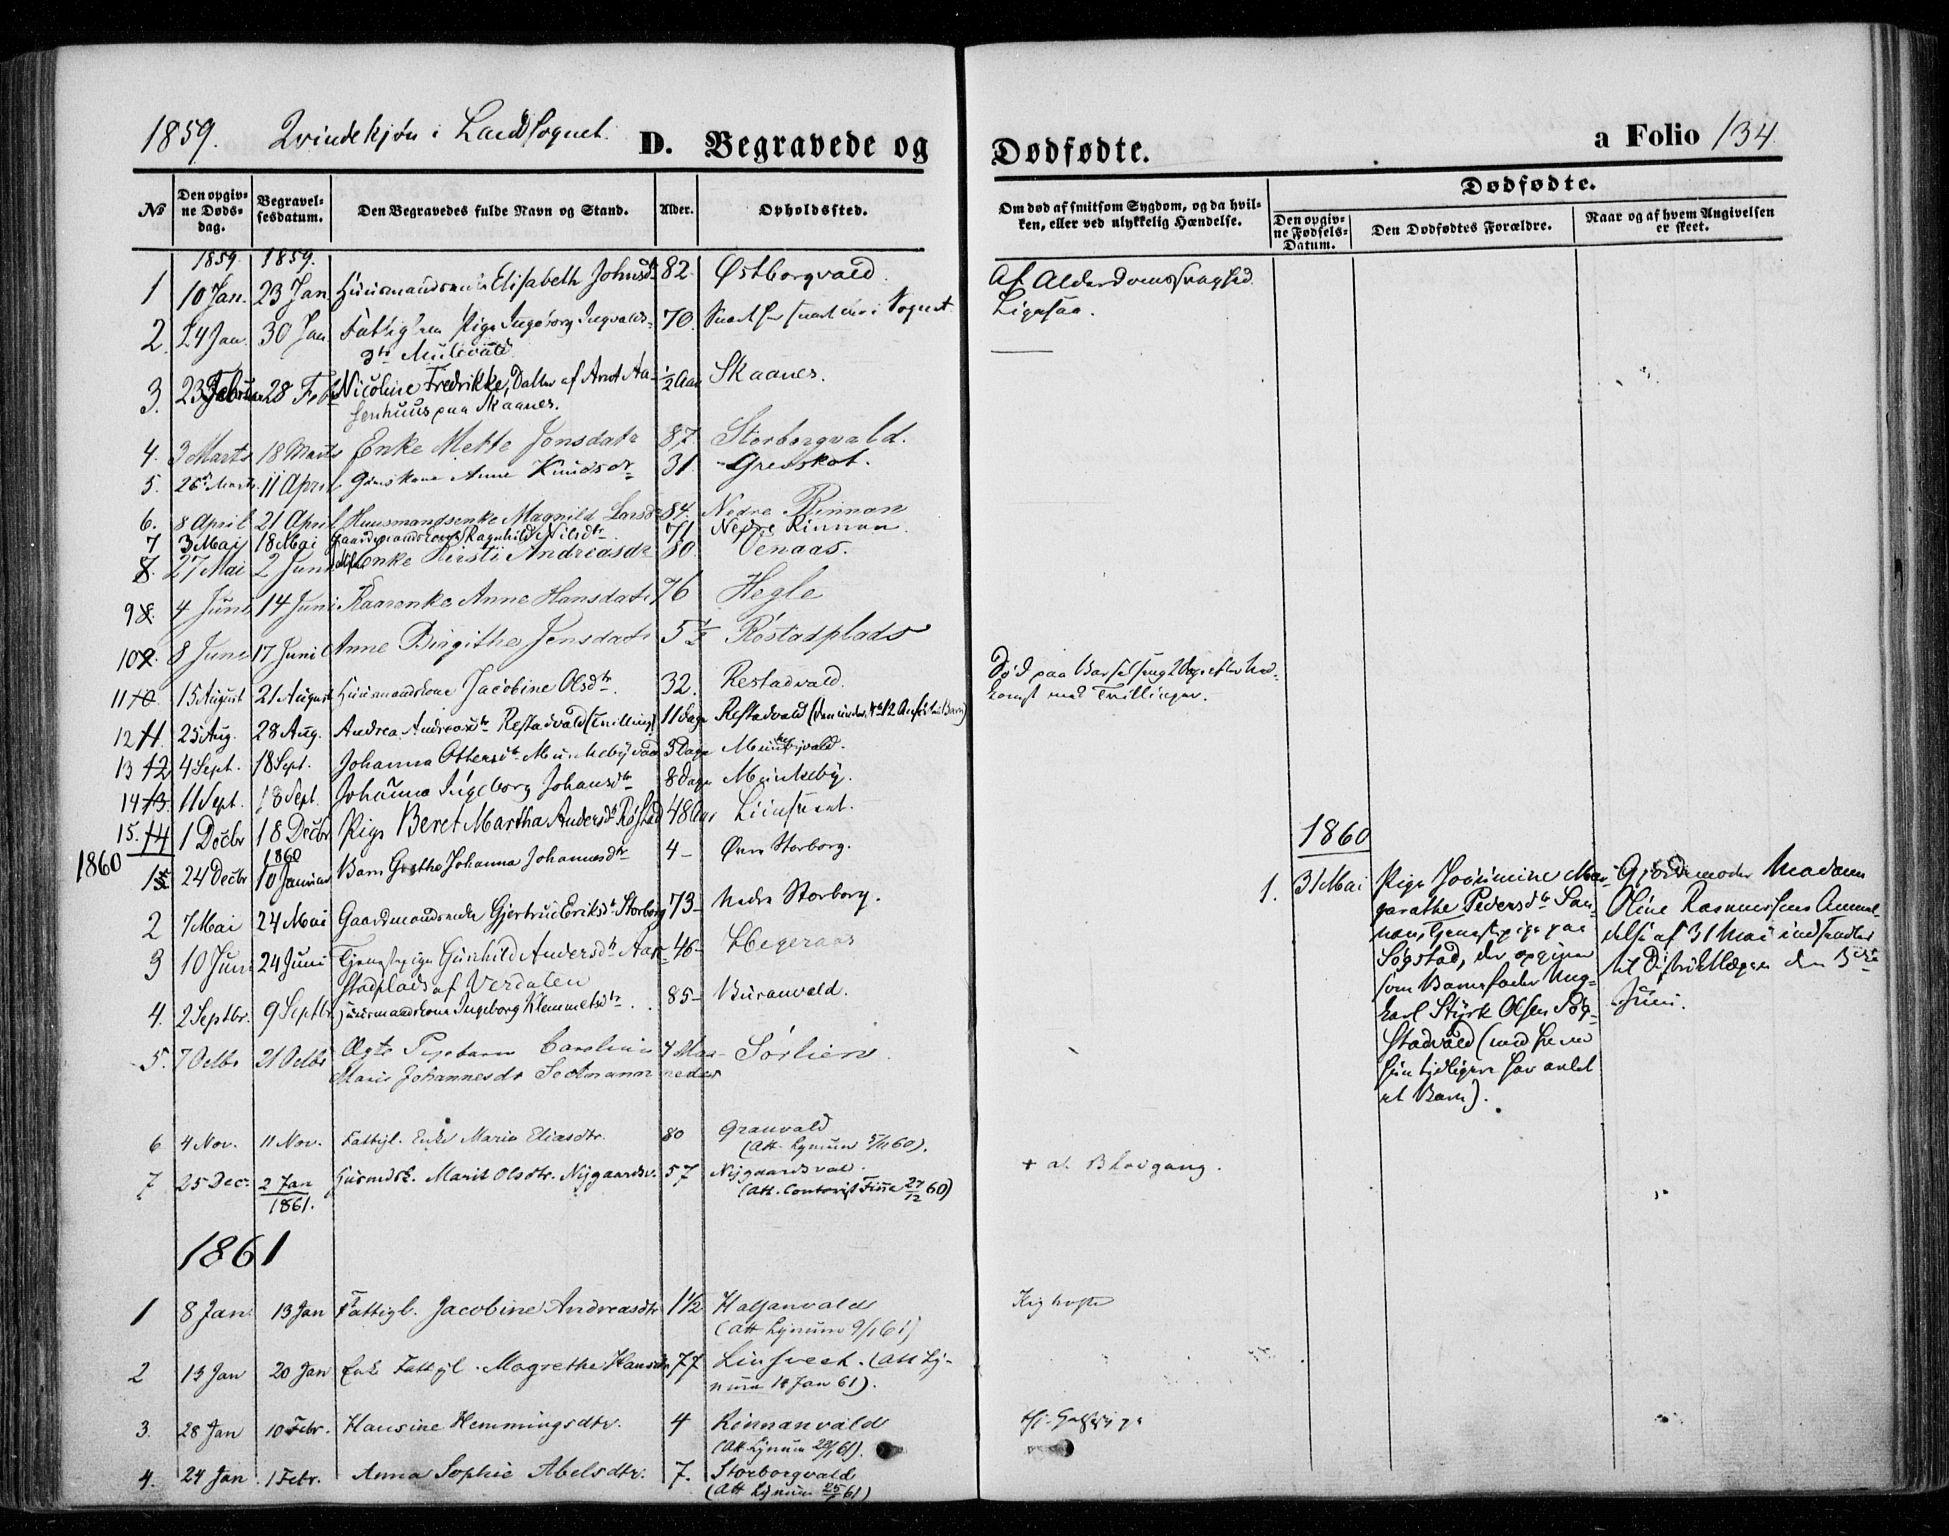 SAT, Ministerialprotokoller, klokkerbøker og fødselsregistre - Nord-Trøndelag, 720/L0184: Ministerialbok nr. 720A02 /2, 1855-1863, s. 134